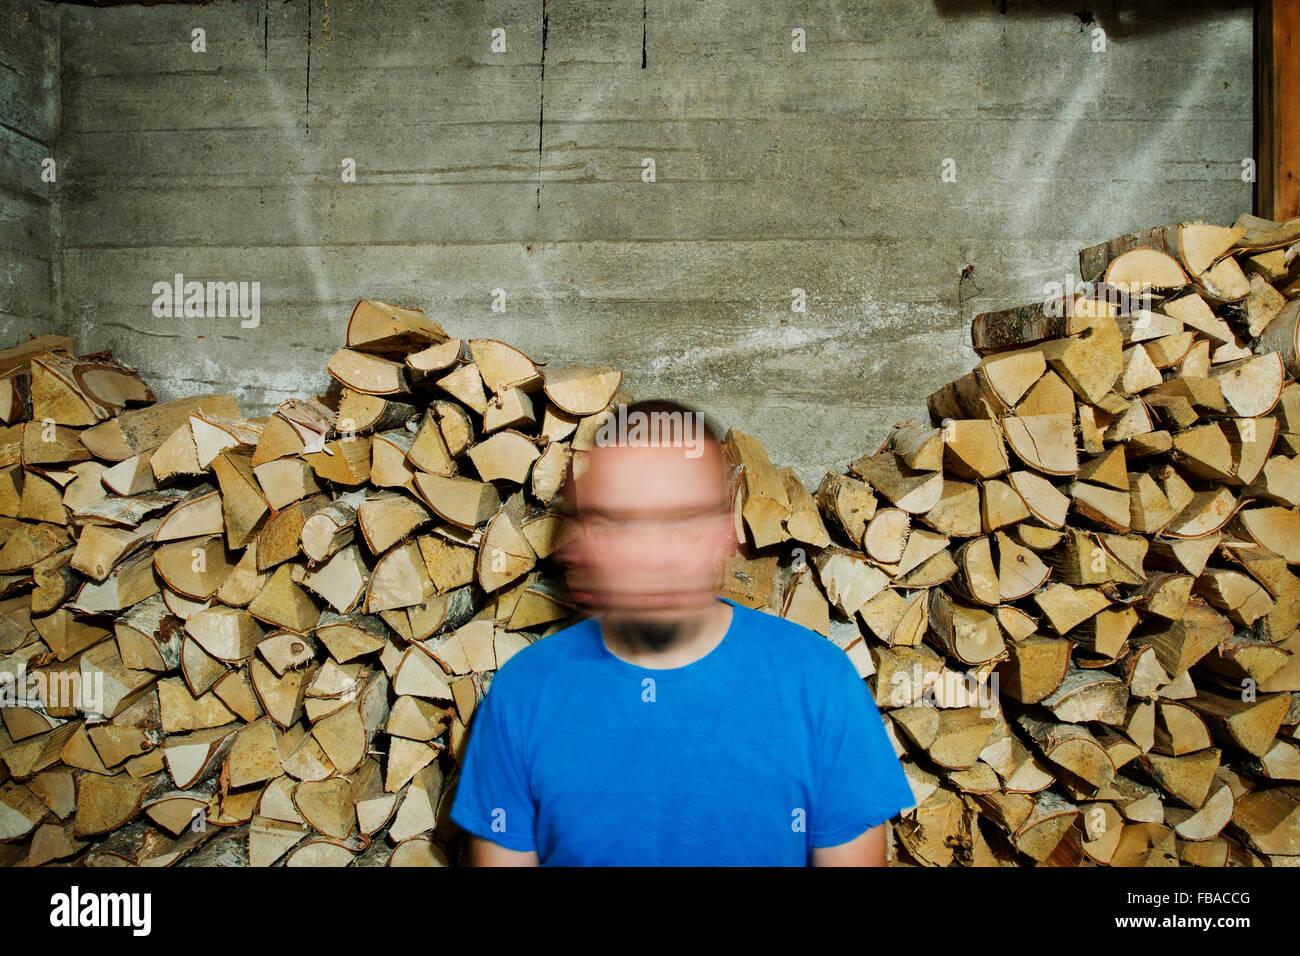 Finnland, Heinola, Mann mit verschwommenes Gesicht gegen Holzstoß Stockbild